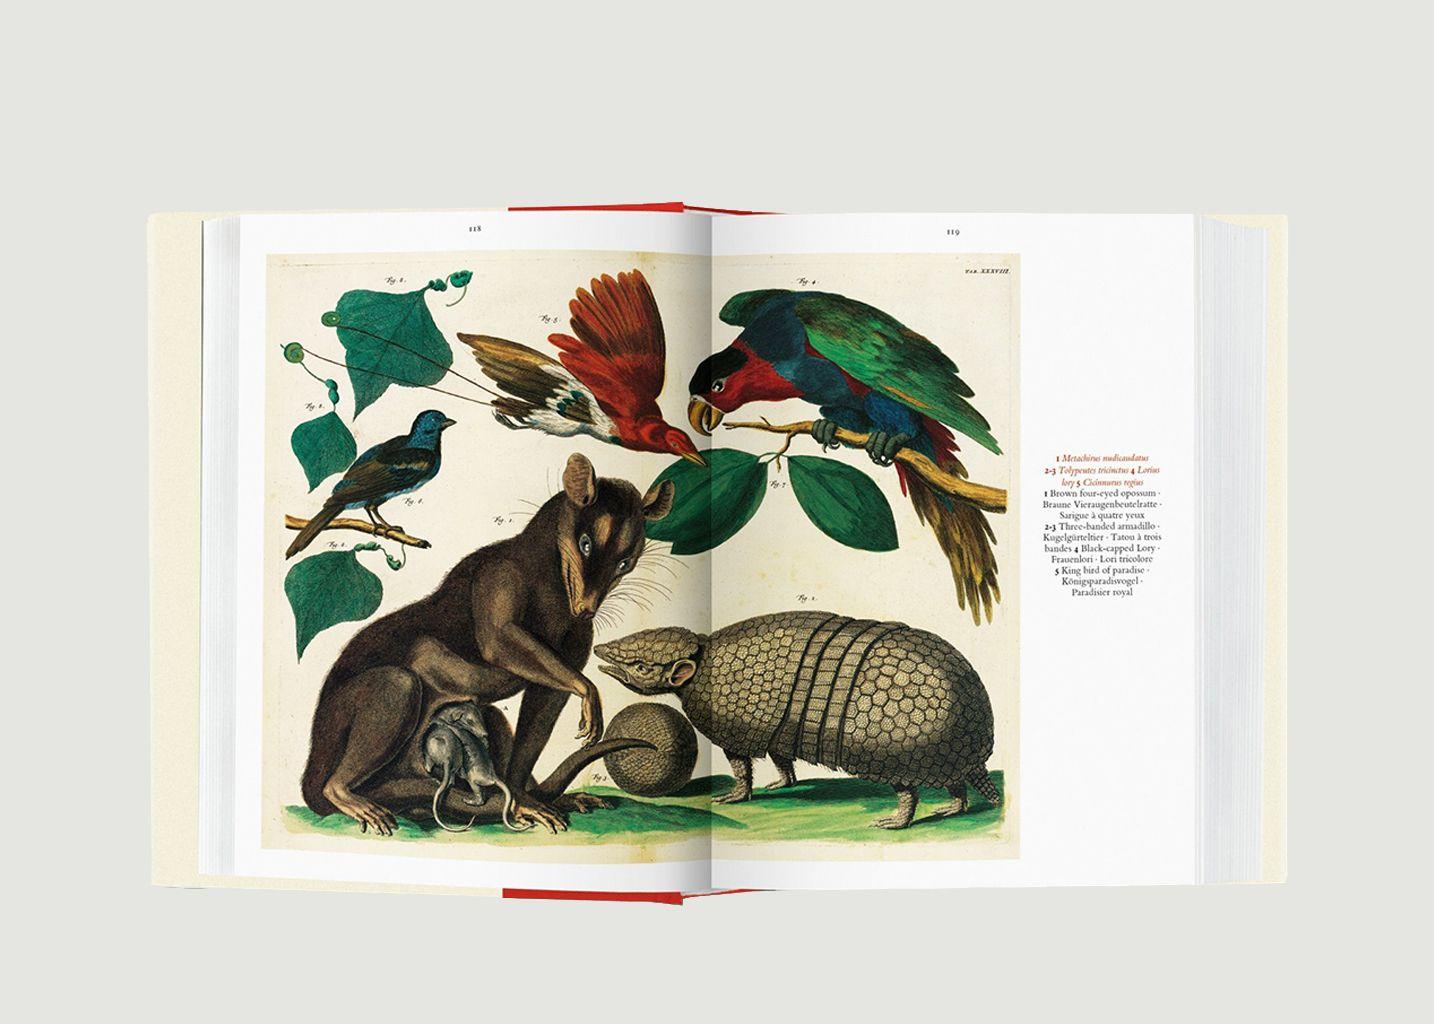 Seba. Le Cabinet des Curiosités Naturelles - Taschen